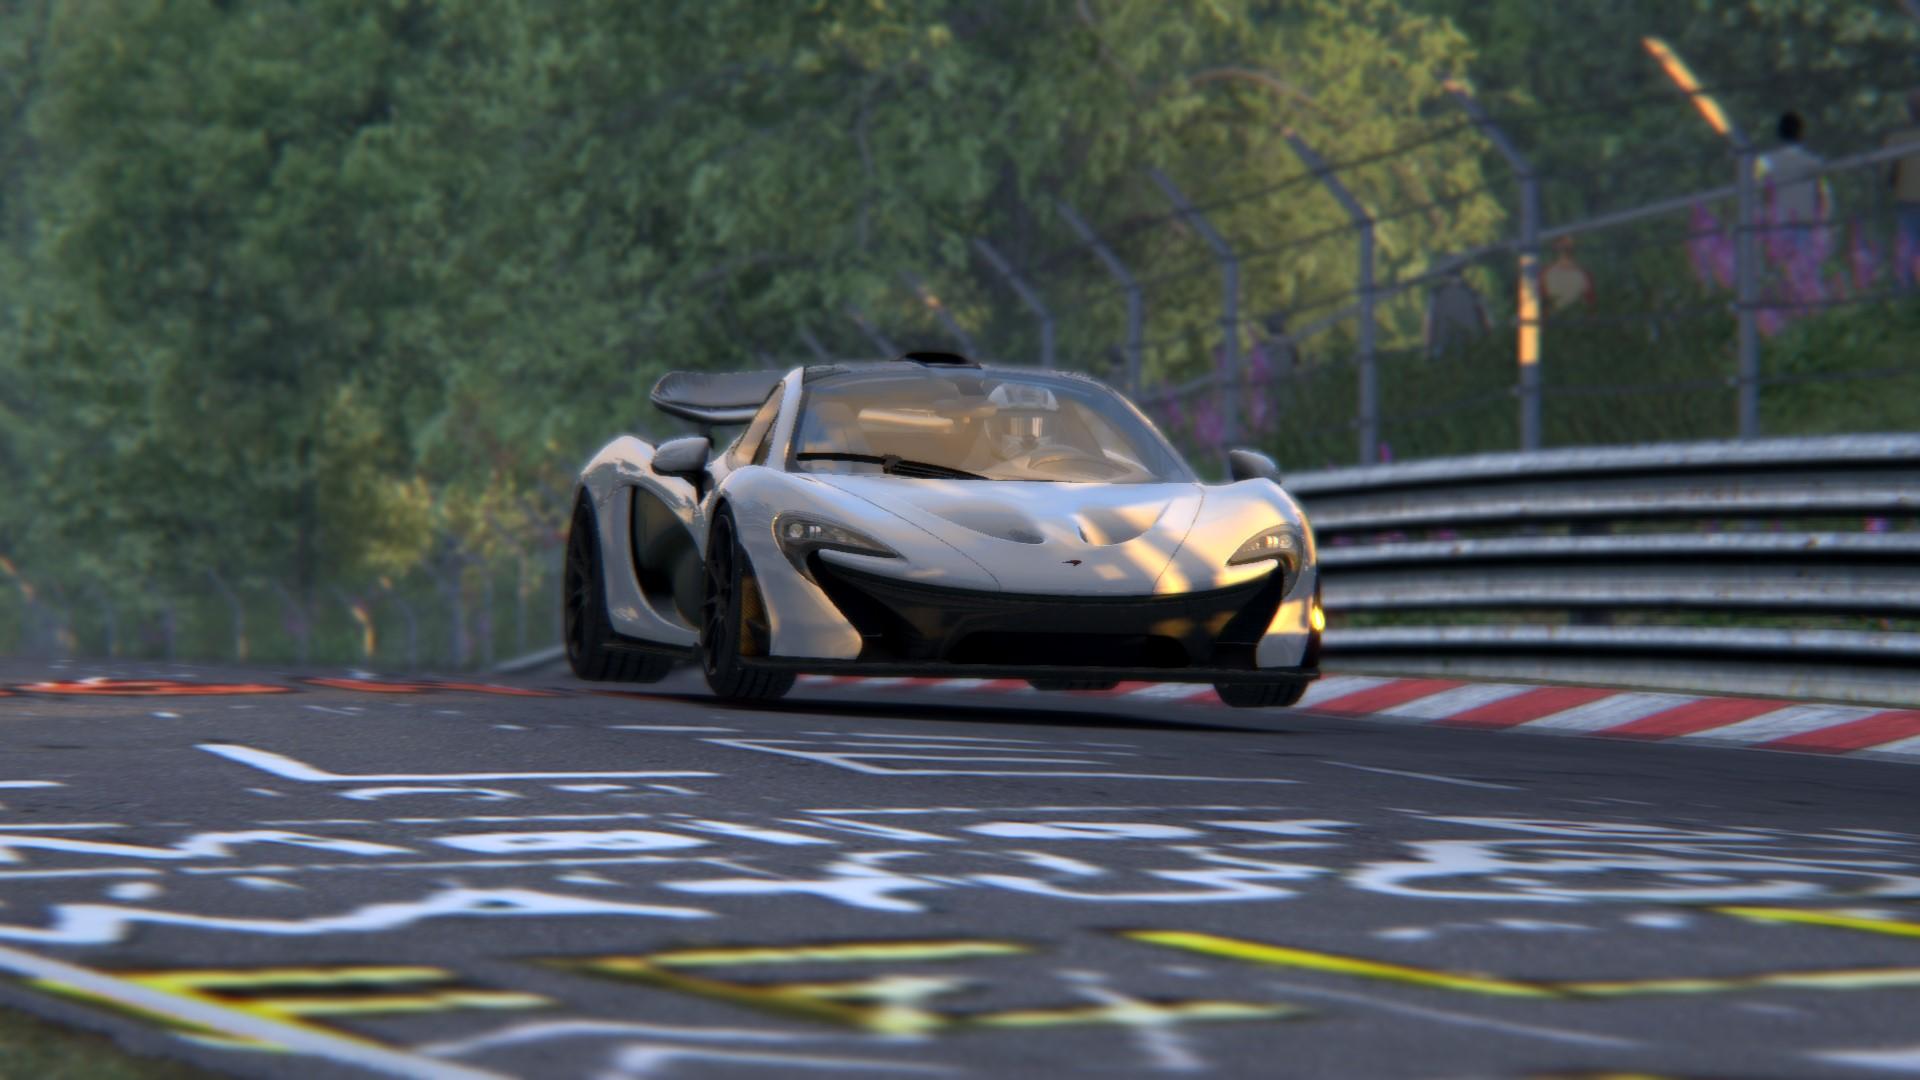 McLaren P1 @ NOS